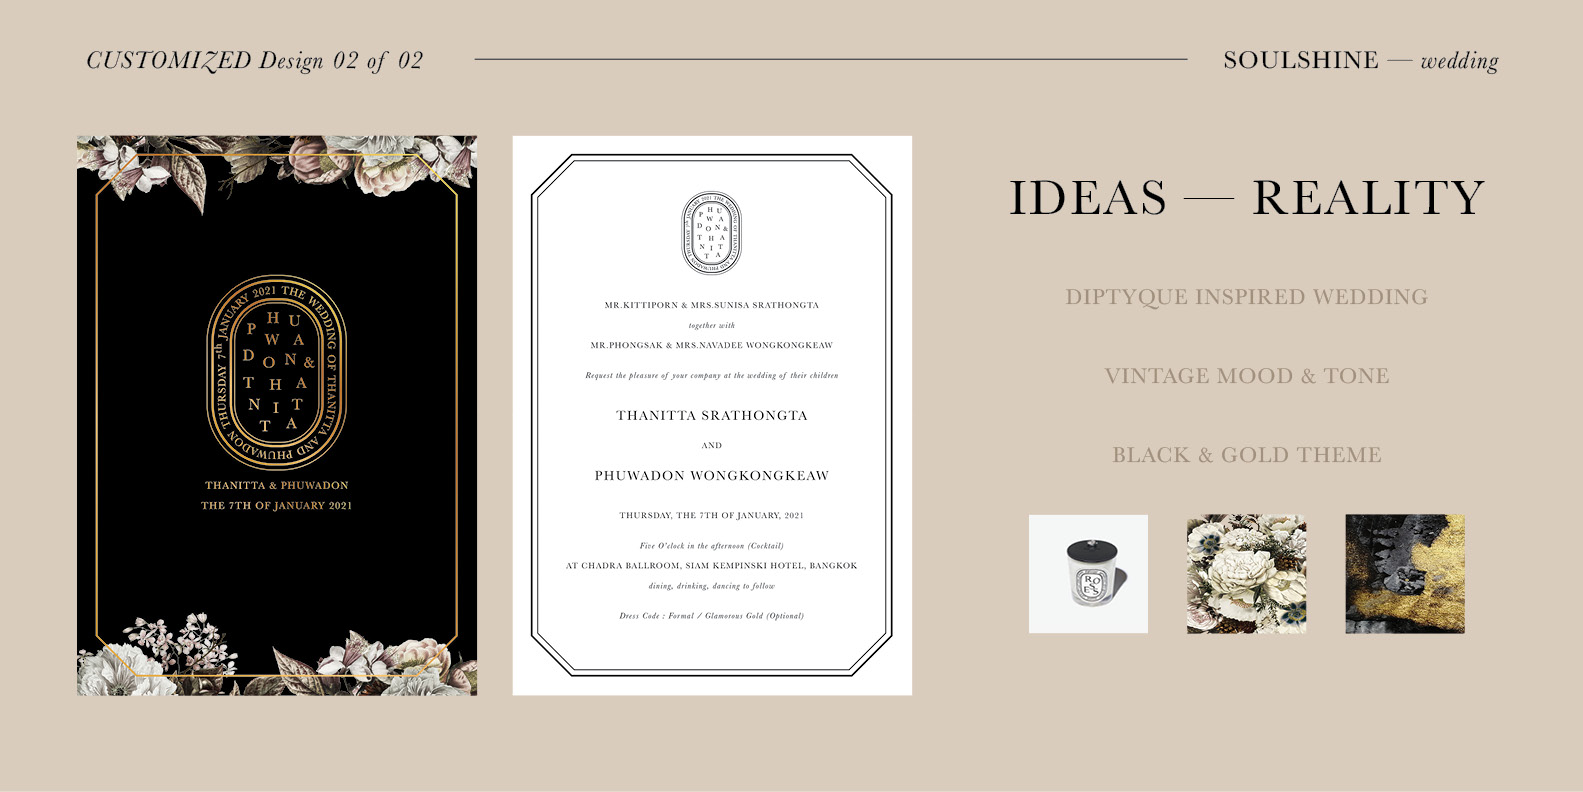 ออกแบบการ์ดแต่งงาน พิมพ์การ์ดแต่งงาน มินิมอล สไตล์เรียบหรู สวยๆ แนววินเทจ เก๋ๆ ปรับแก้แบบการ์ด customized 02